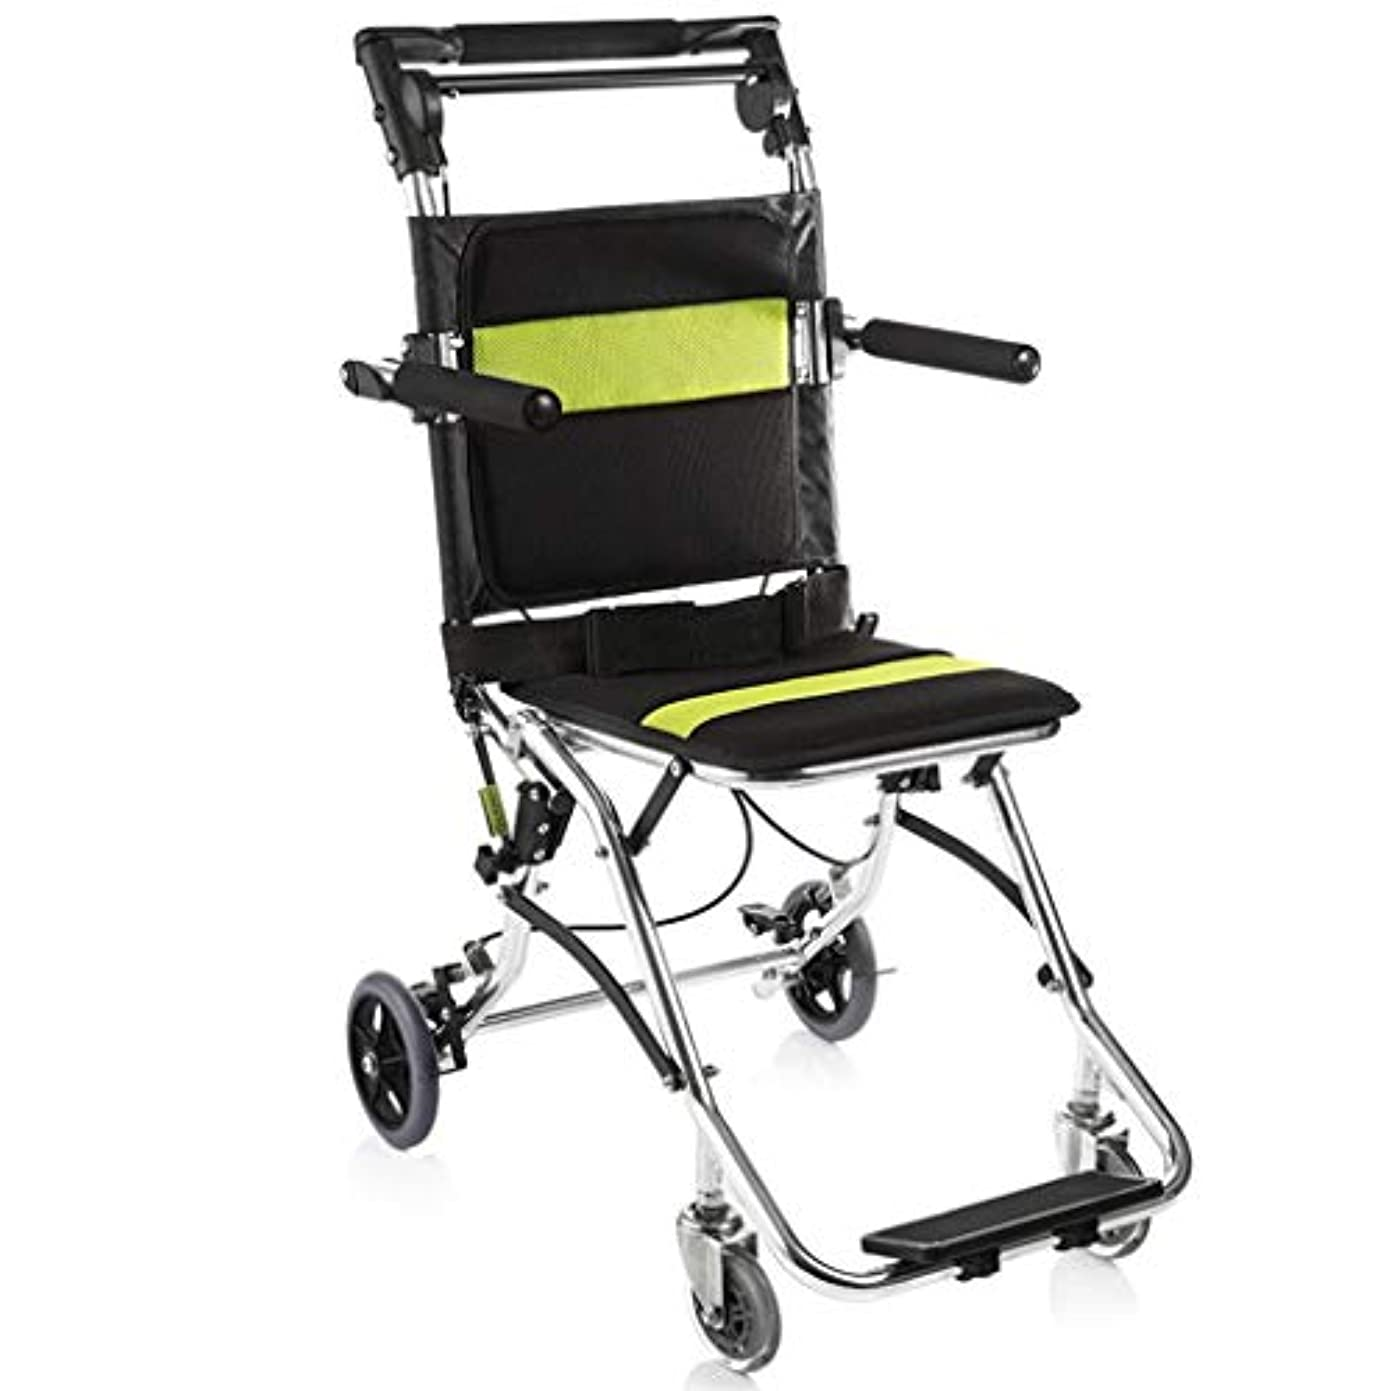 ズームトラブル列挙する車椅子折りたたみフルオブリーク/リクライニングデザイン、多機能高齢者ポータブルトロリー、四輪ブレーキ車椅子